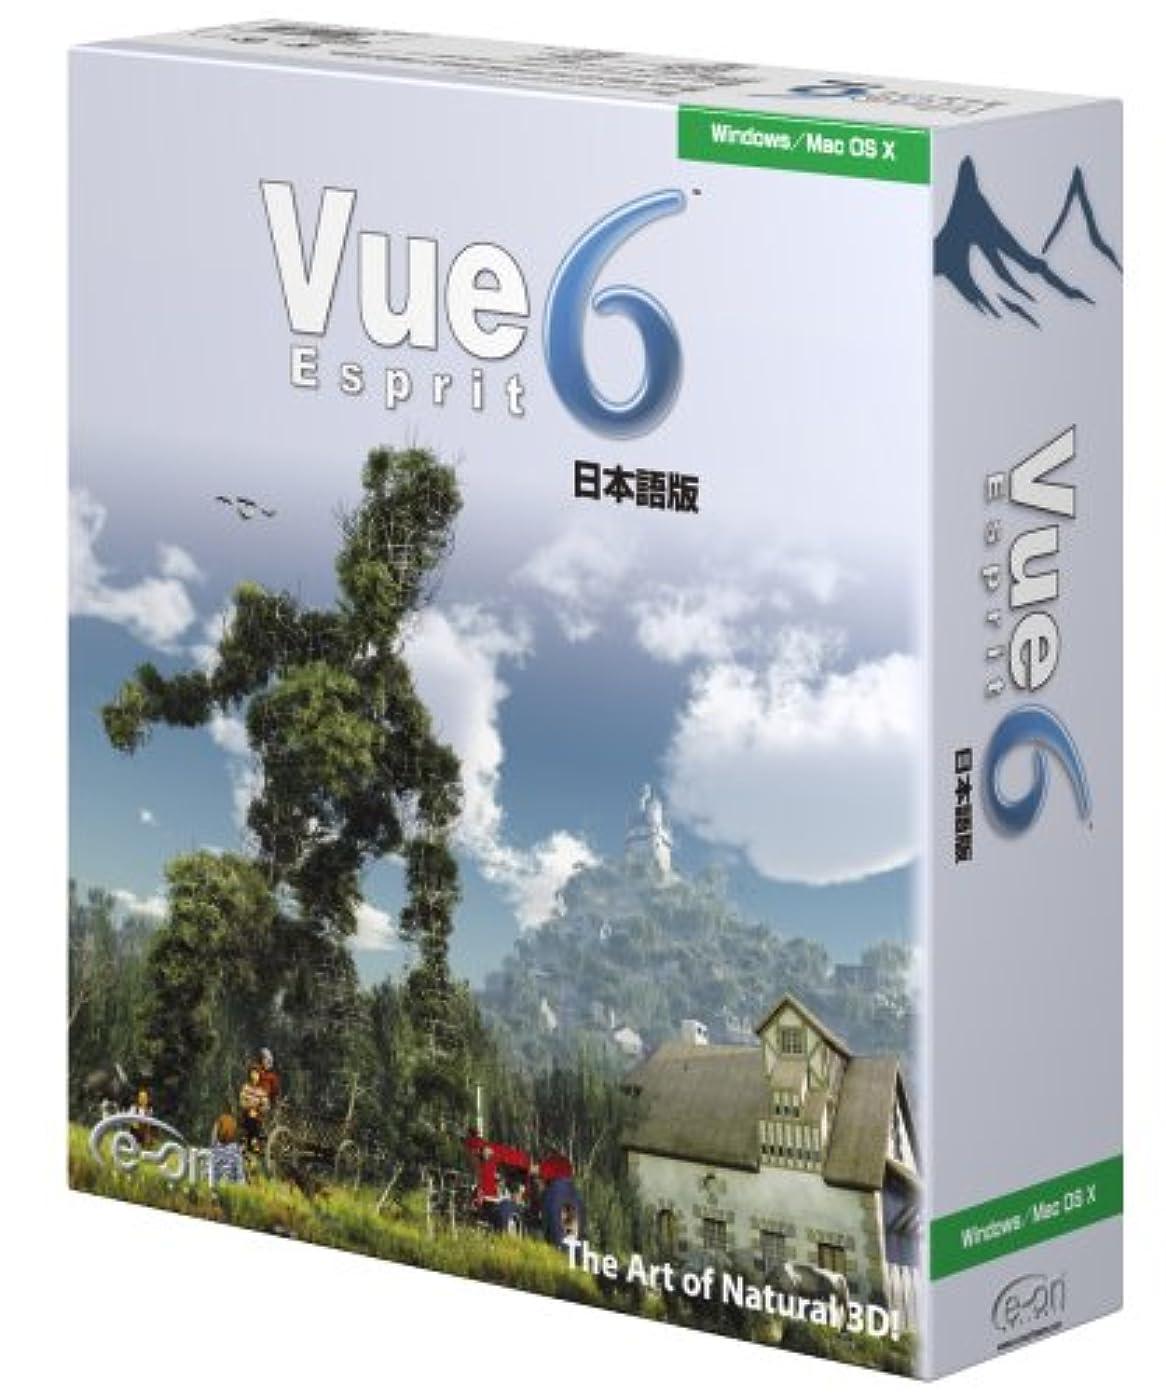 協力する意気消沈した道路Vue 6 Esprit 日本語版